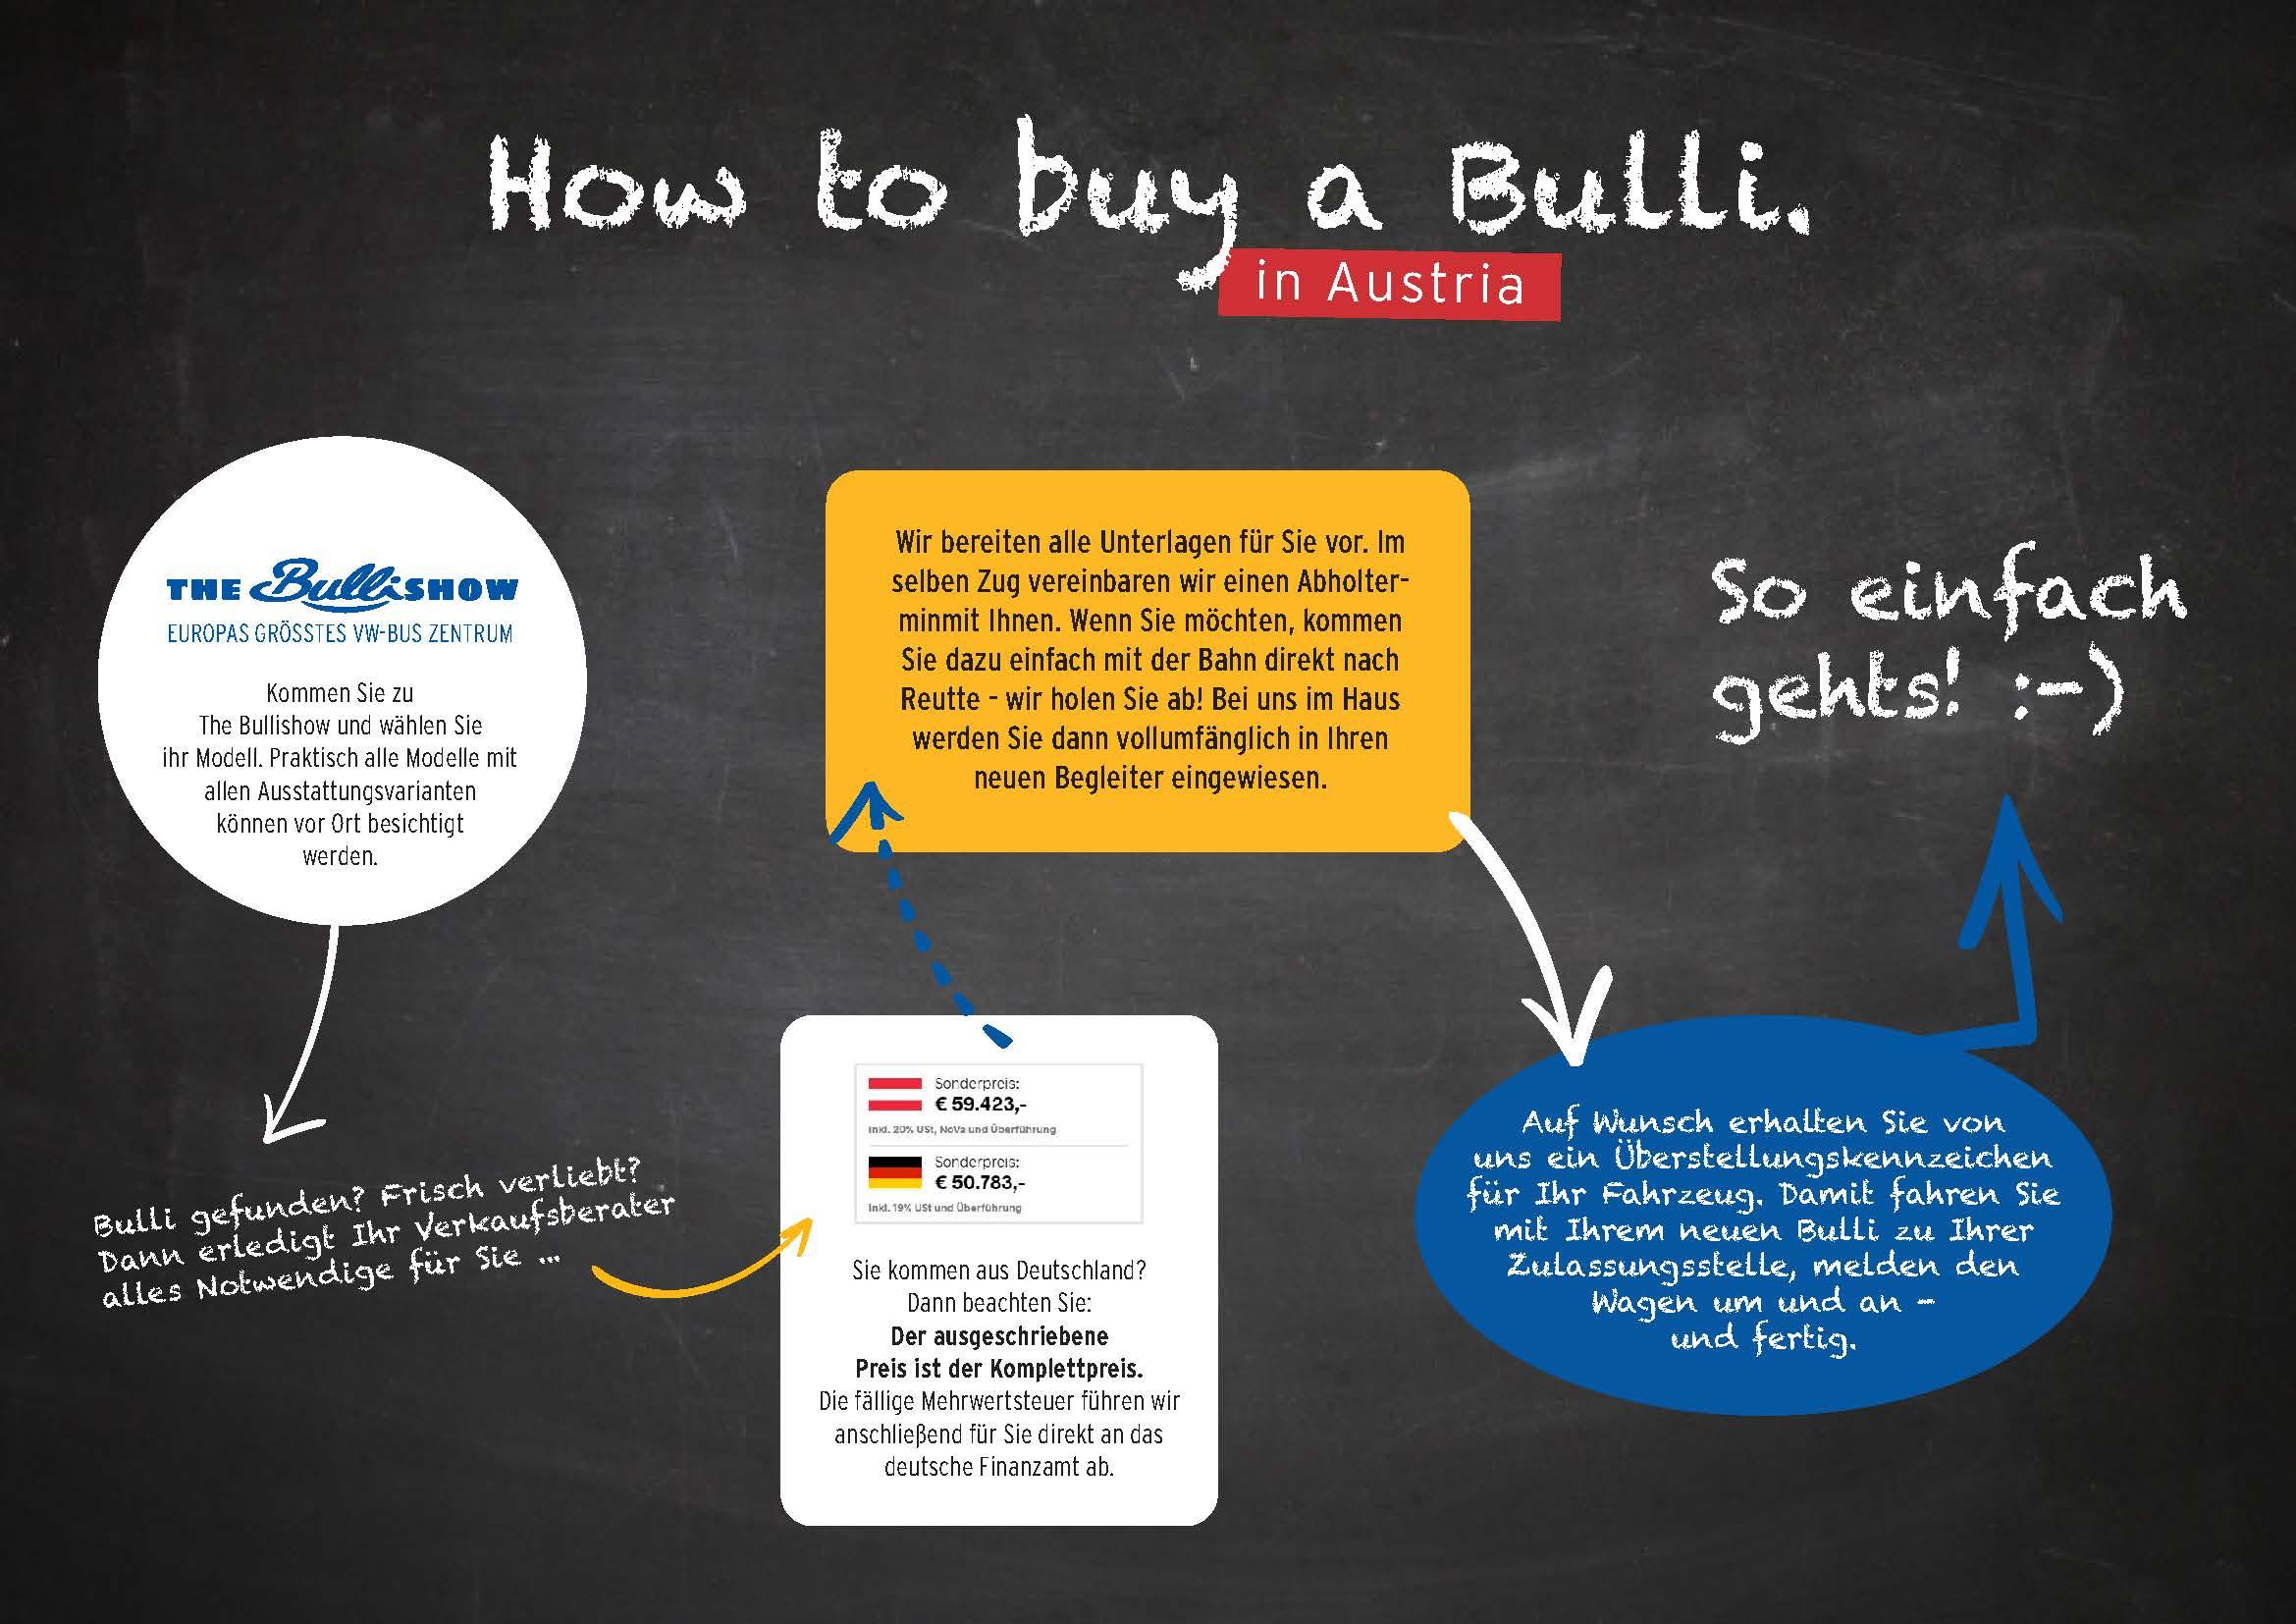 Reimport The Bullishow Deutschland